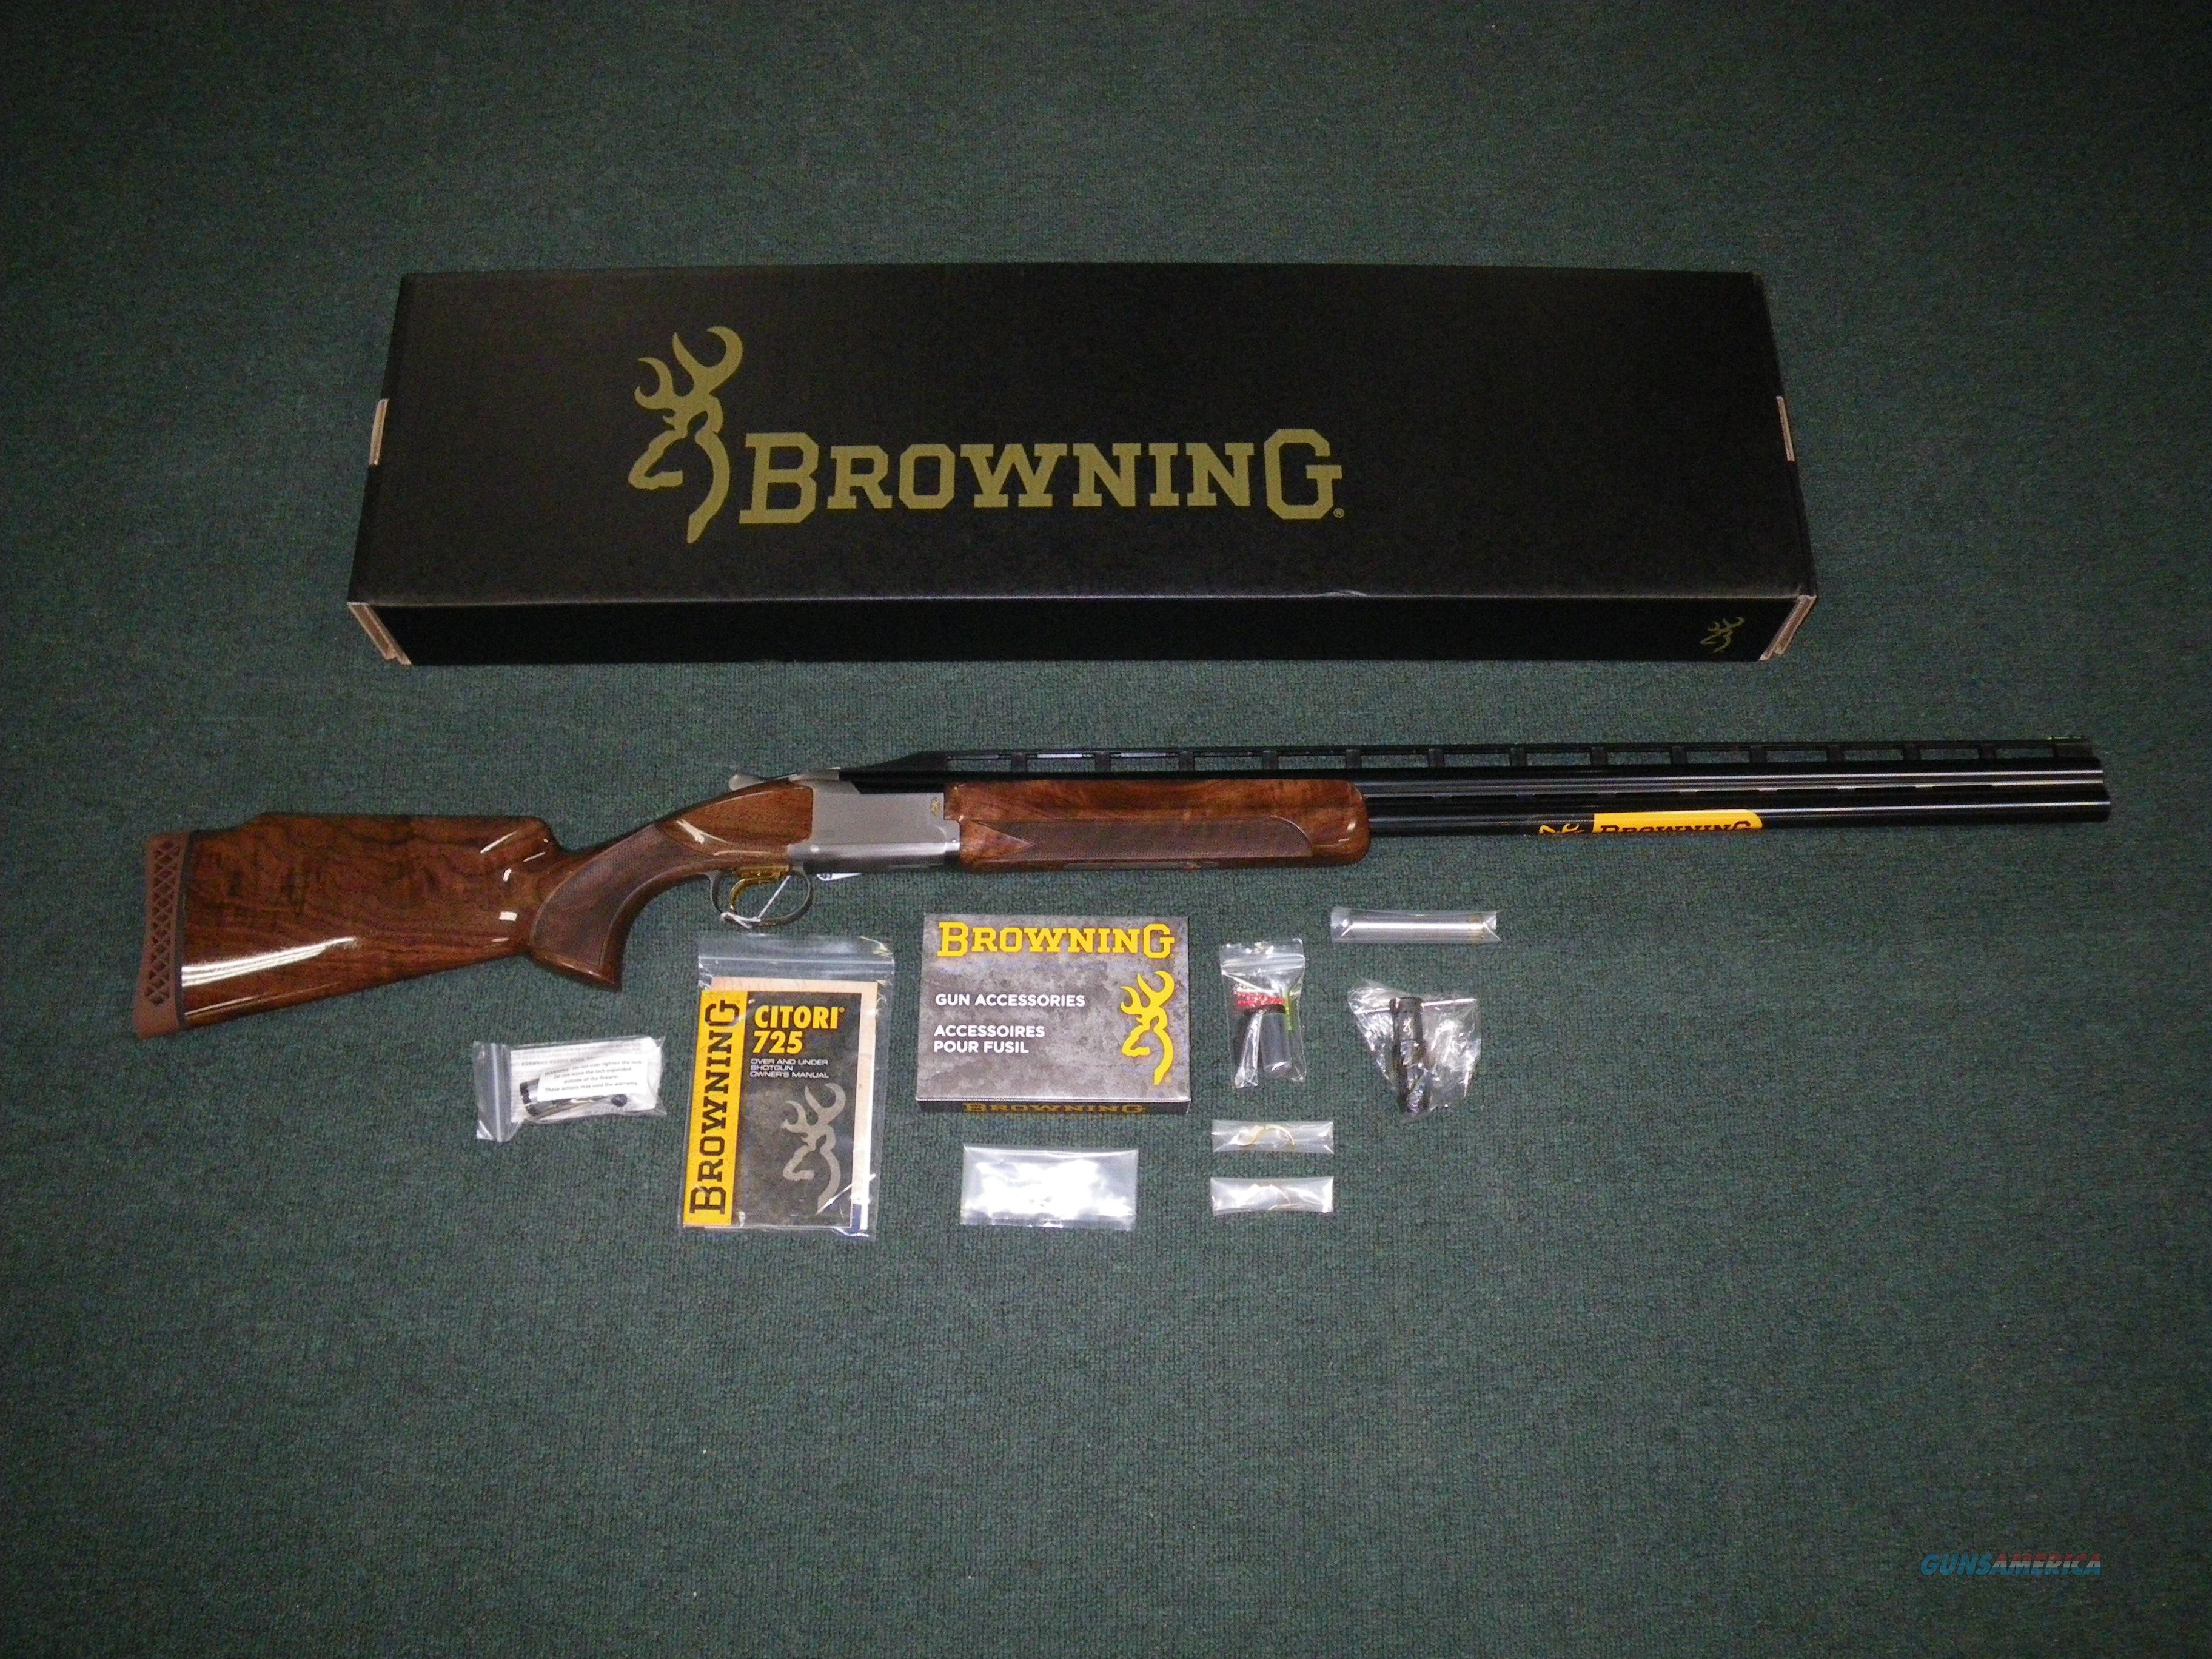 """Browning Citori 725 Trap Over/Under 12ga 32"""" NIB Item #0135793009  Guns > Shotguns > Browning Shotguns > Over Unders > Citori > Trap/Skeet"""